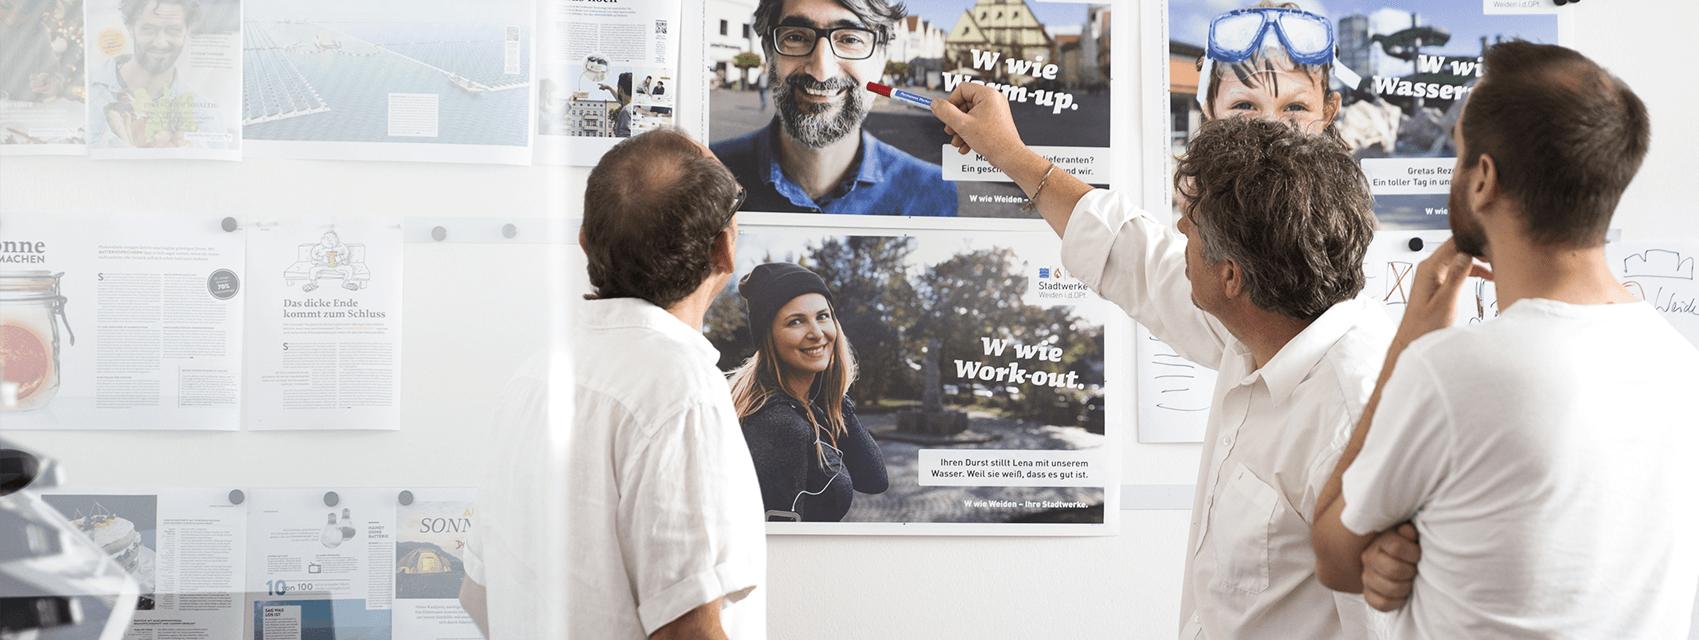 Menschen schauen auf Poster - kreativer Entstehungsprozess